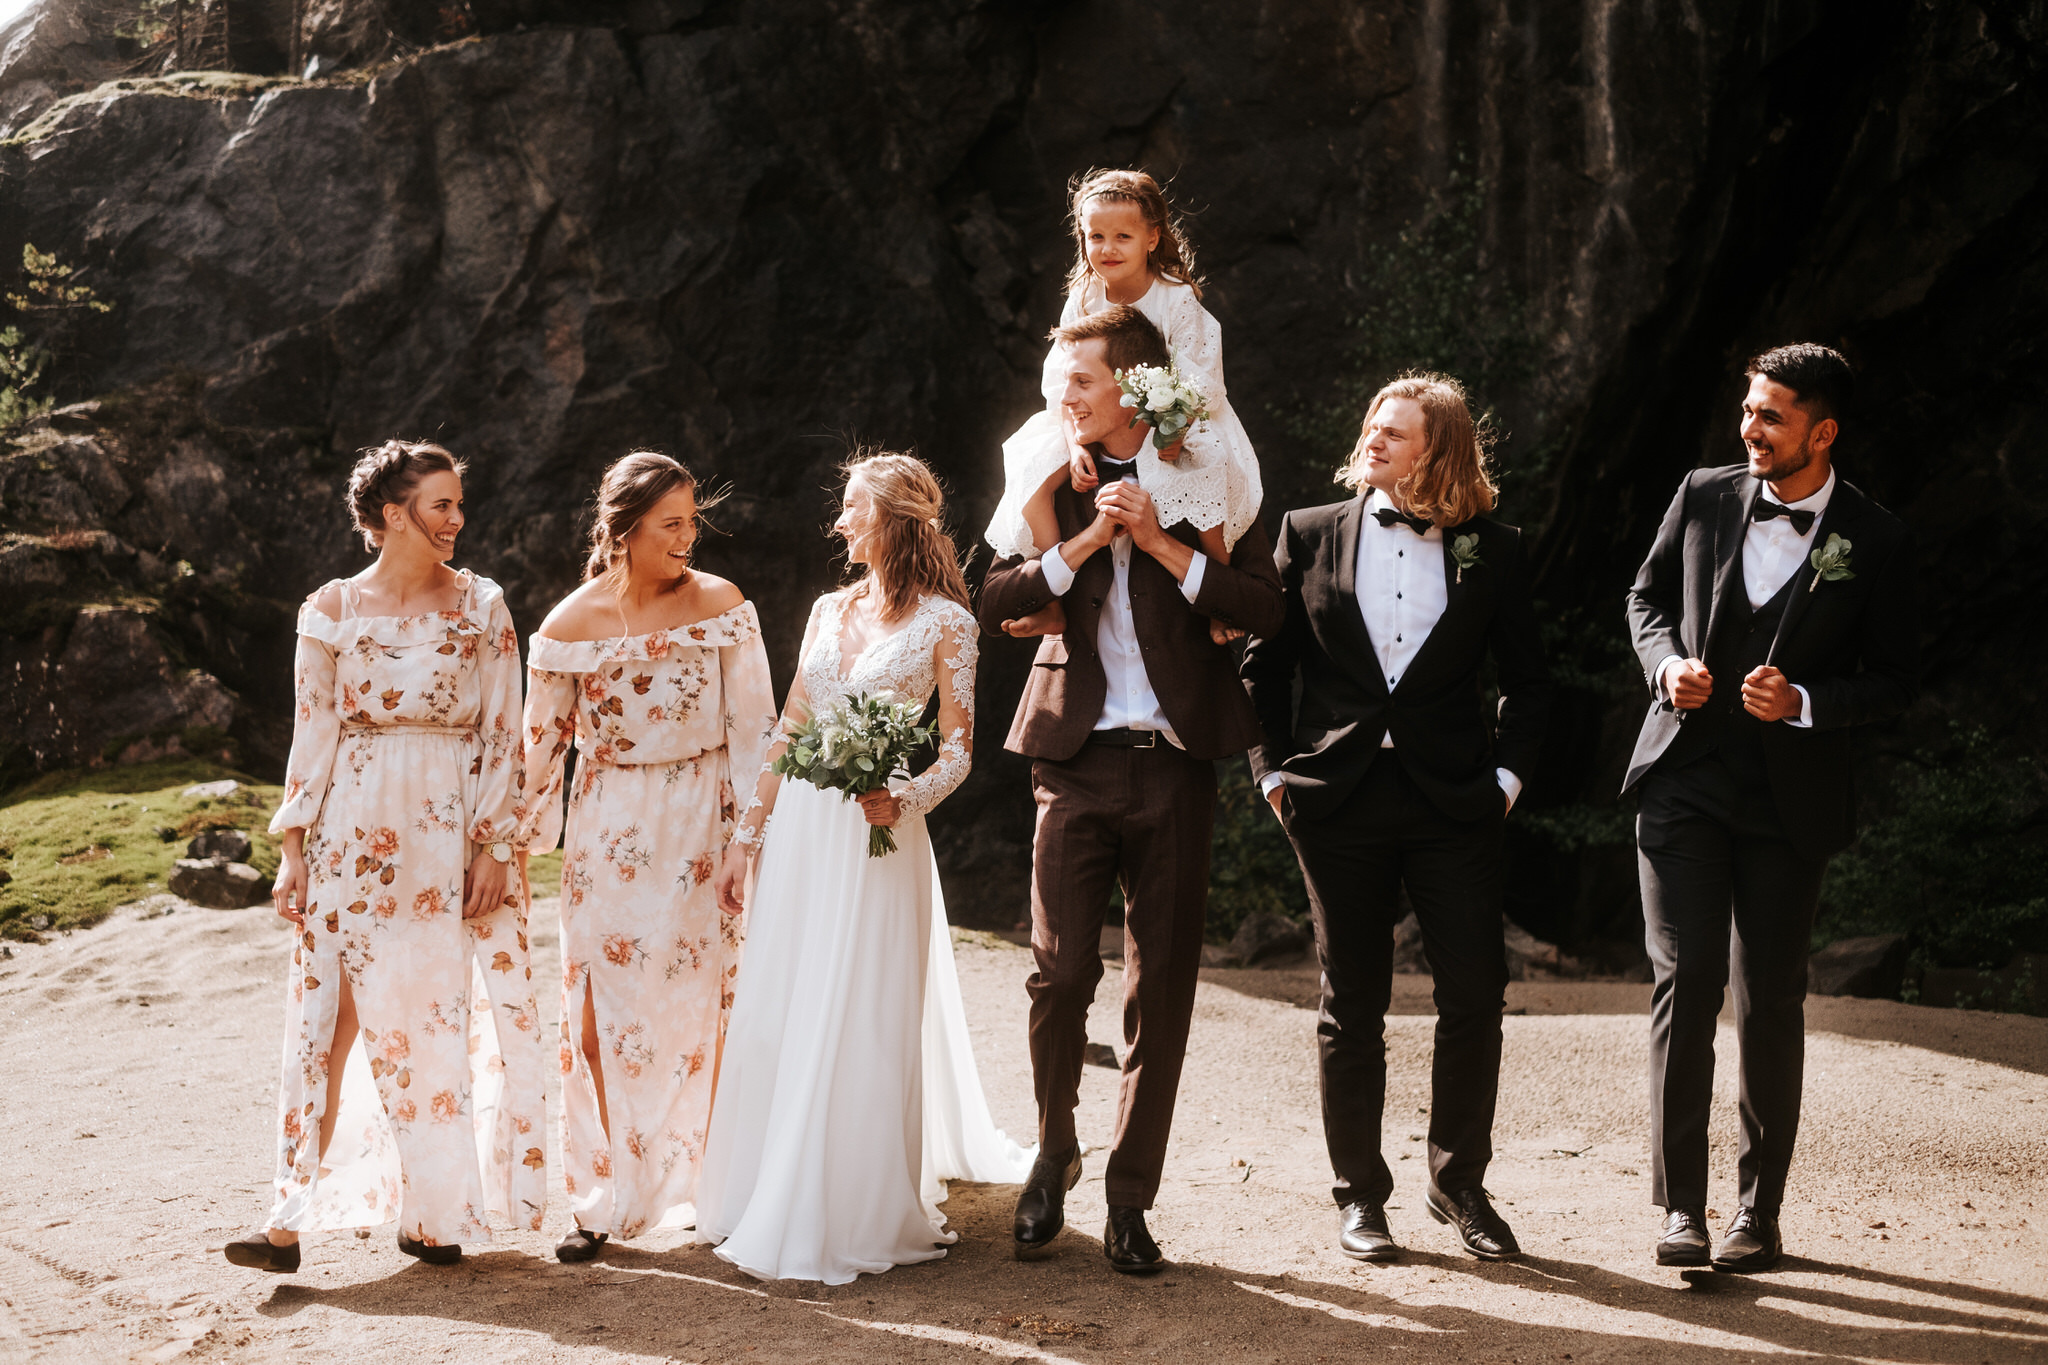 sokndal egersund bryllupsfotograf 026.JPG